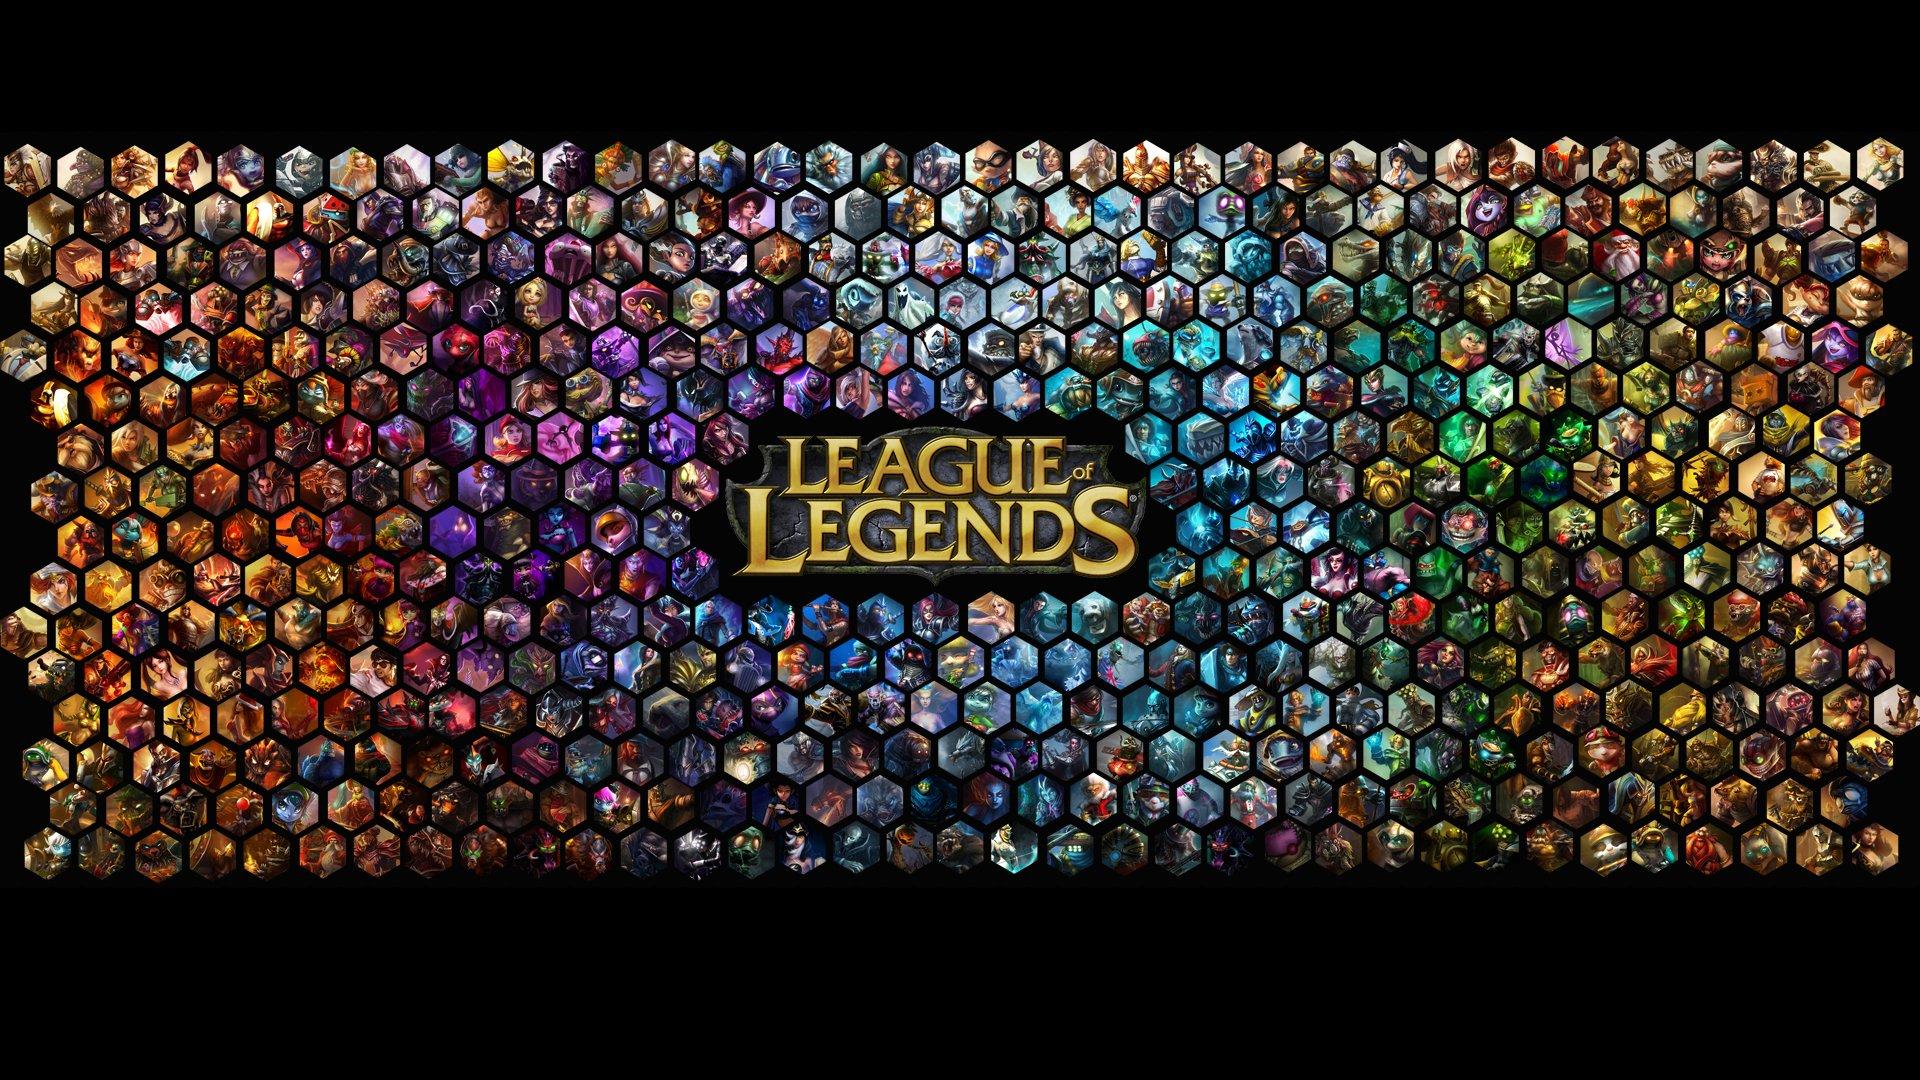 И я хочу рассказать про league of legends